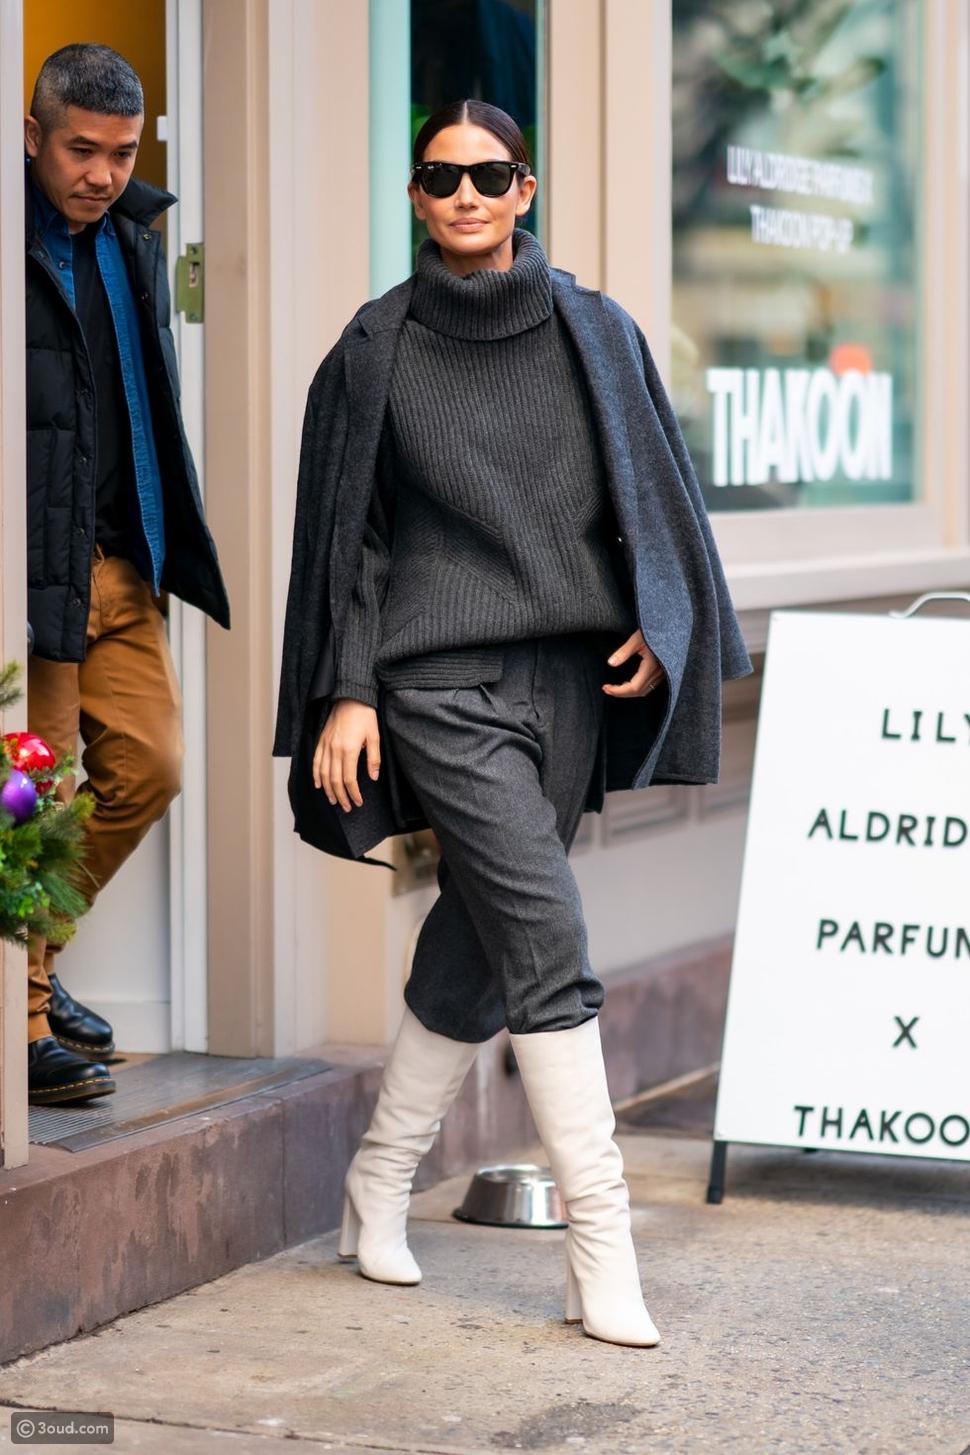 عارضة الأزياء ليلى ريدجLily Aldridge